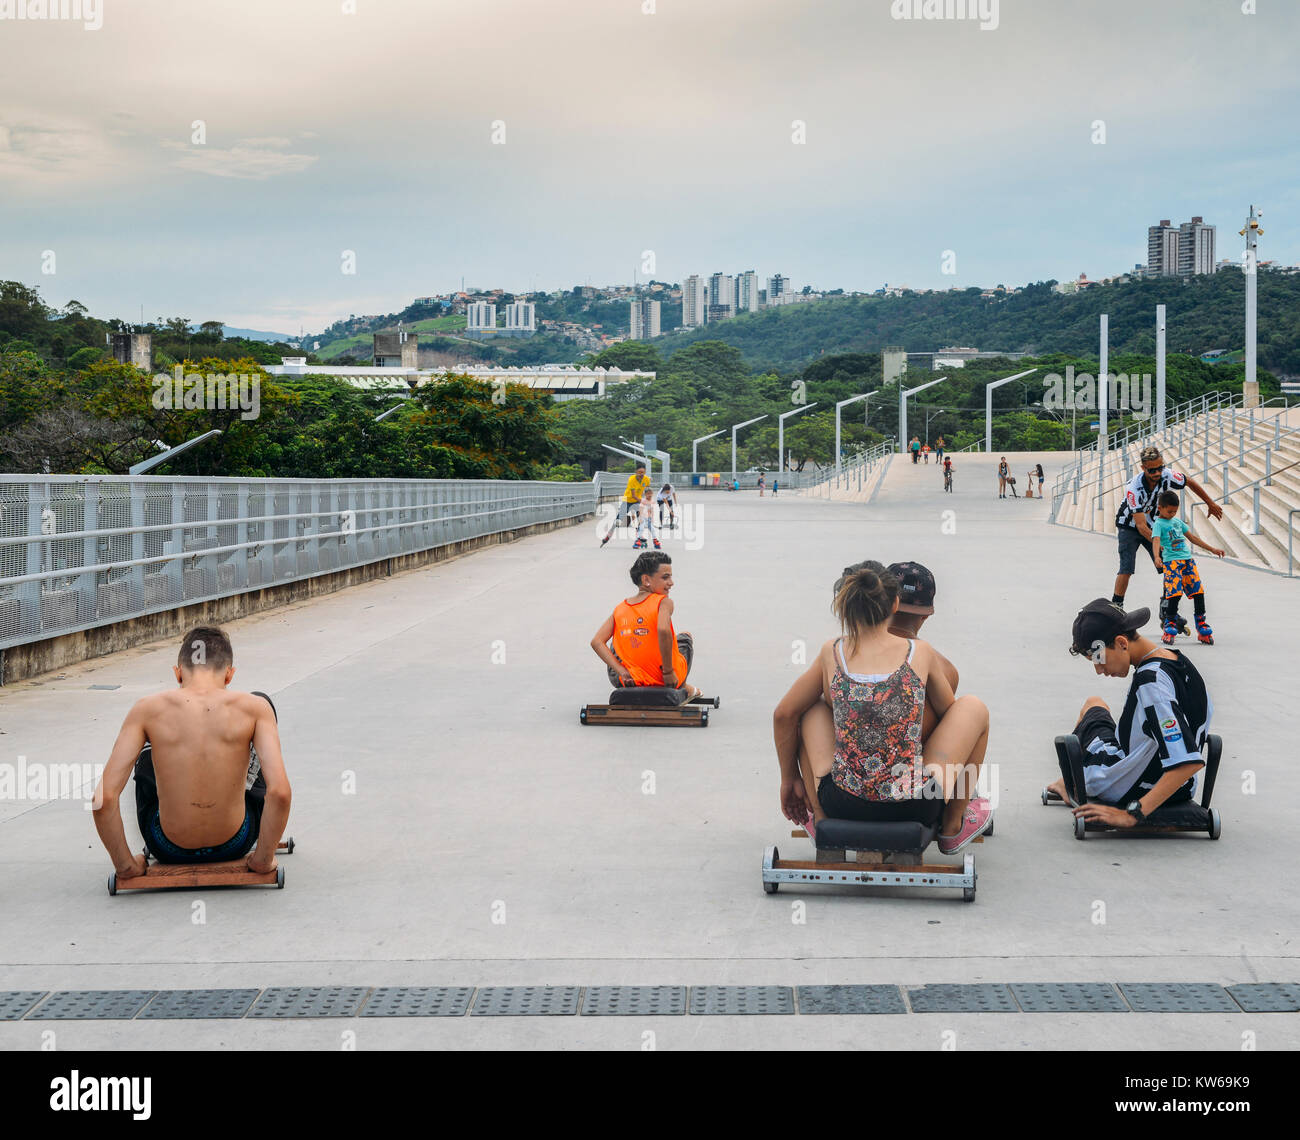 belo-horizonte-dec-26-2017-kids-soap-race-down-a-hill-near-the-mineirao-KW69K9.jpg